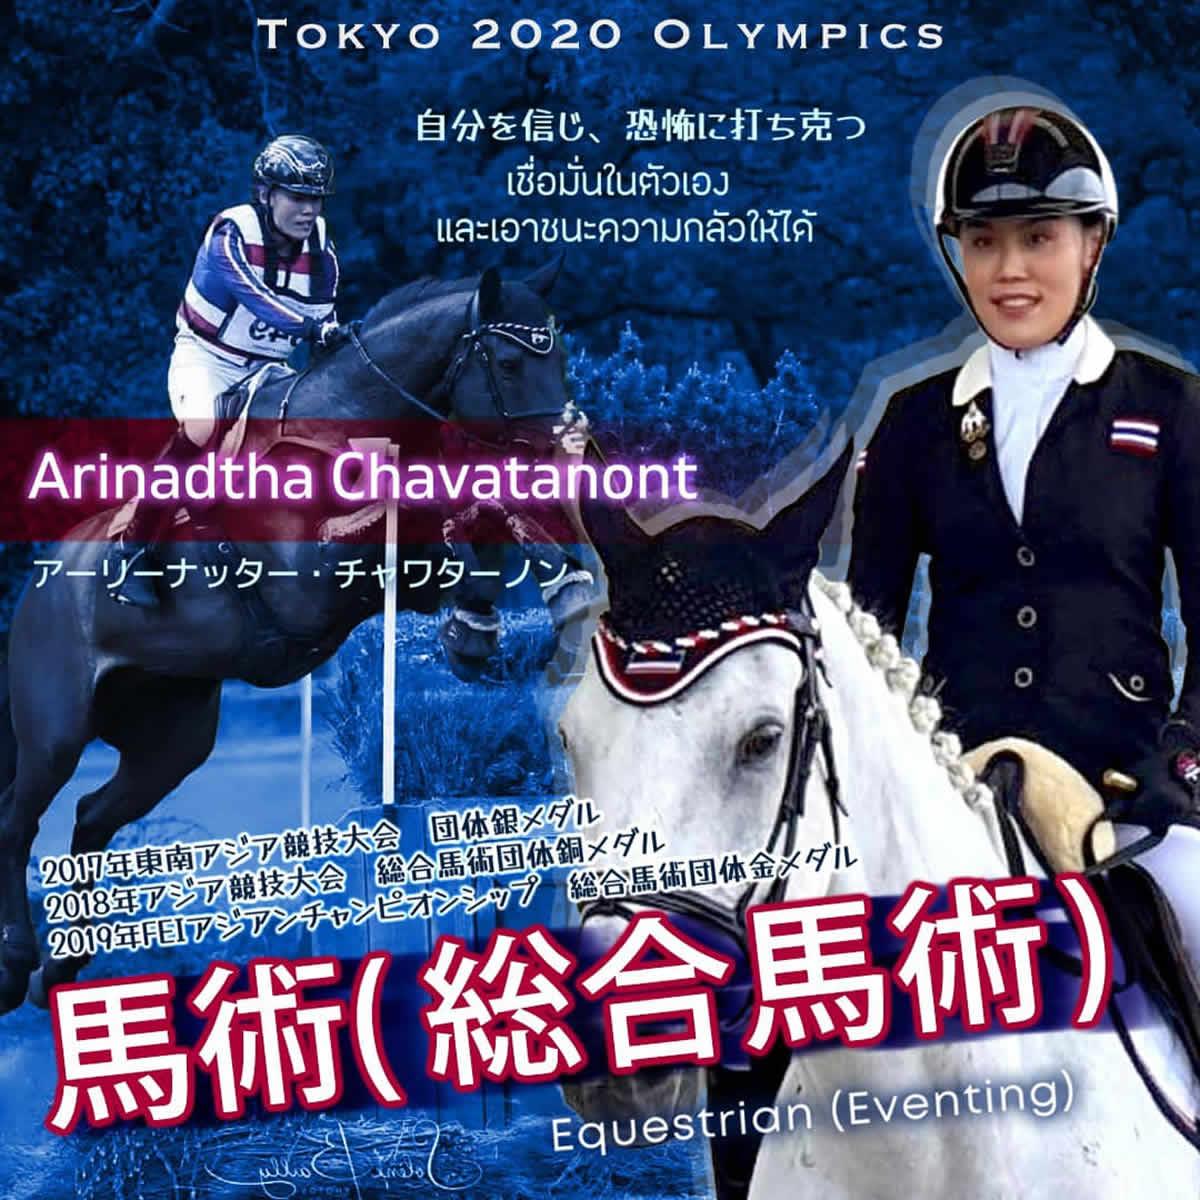 アーリーナッター・チャワターノン(ミント)選手[女子馬術 タイ代表]東京2020オリンピック